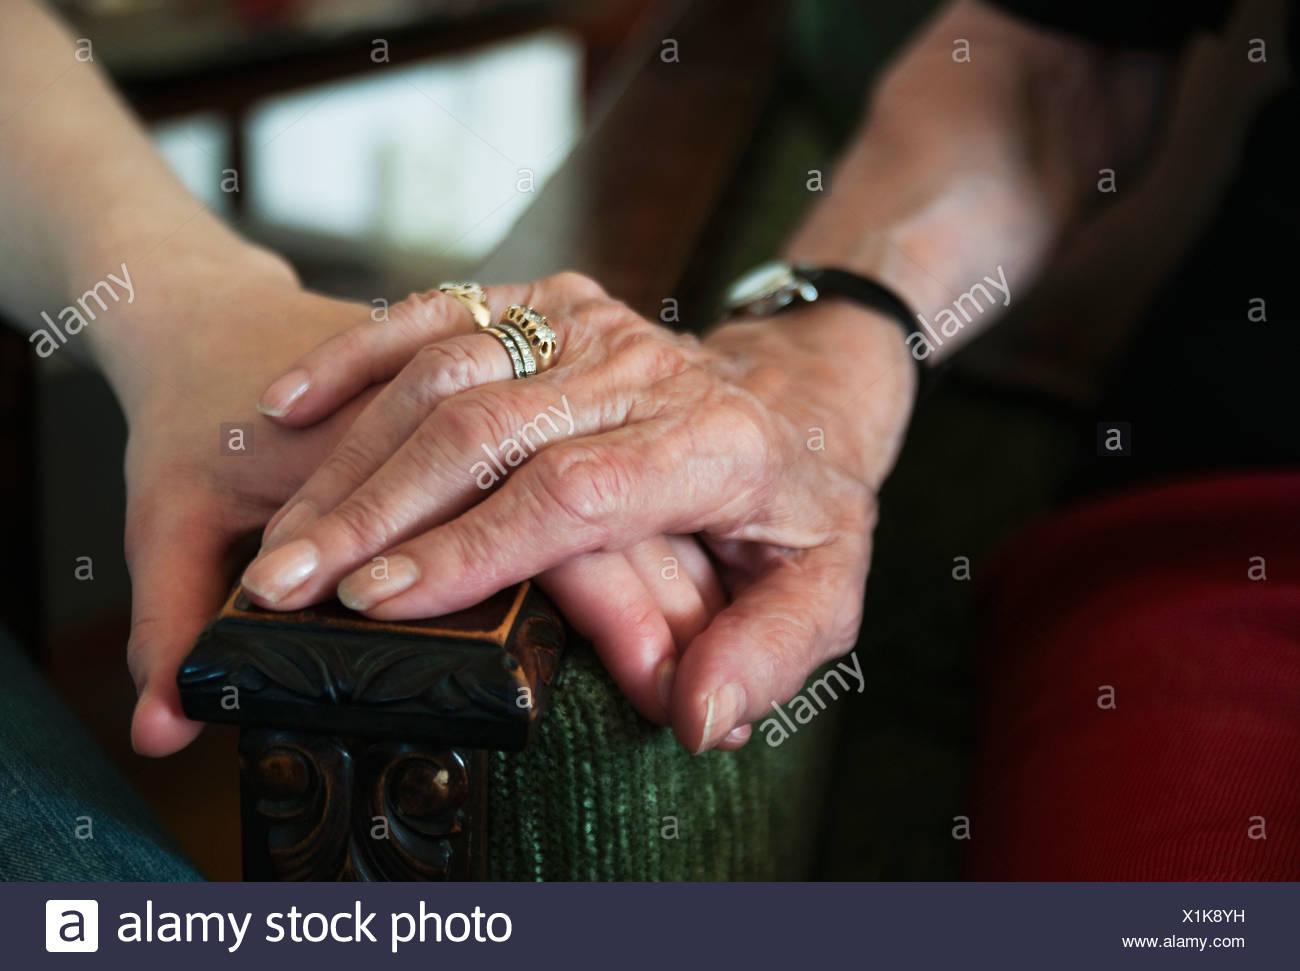 Hands on armrest - Stock Image